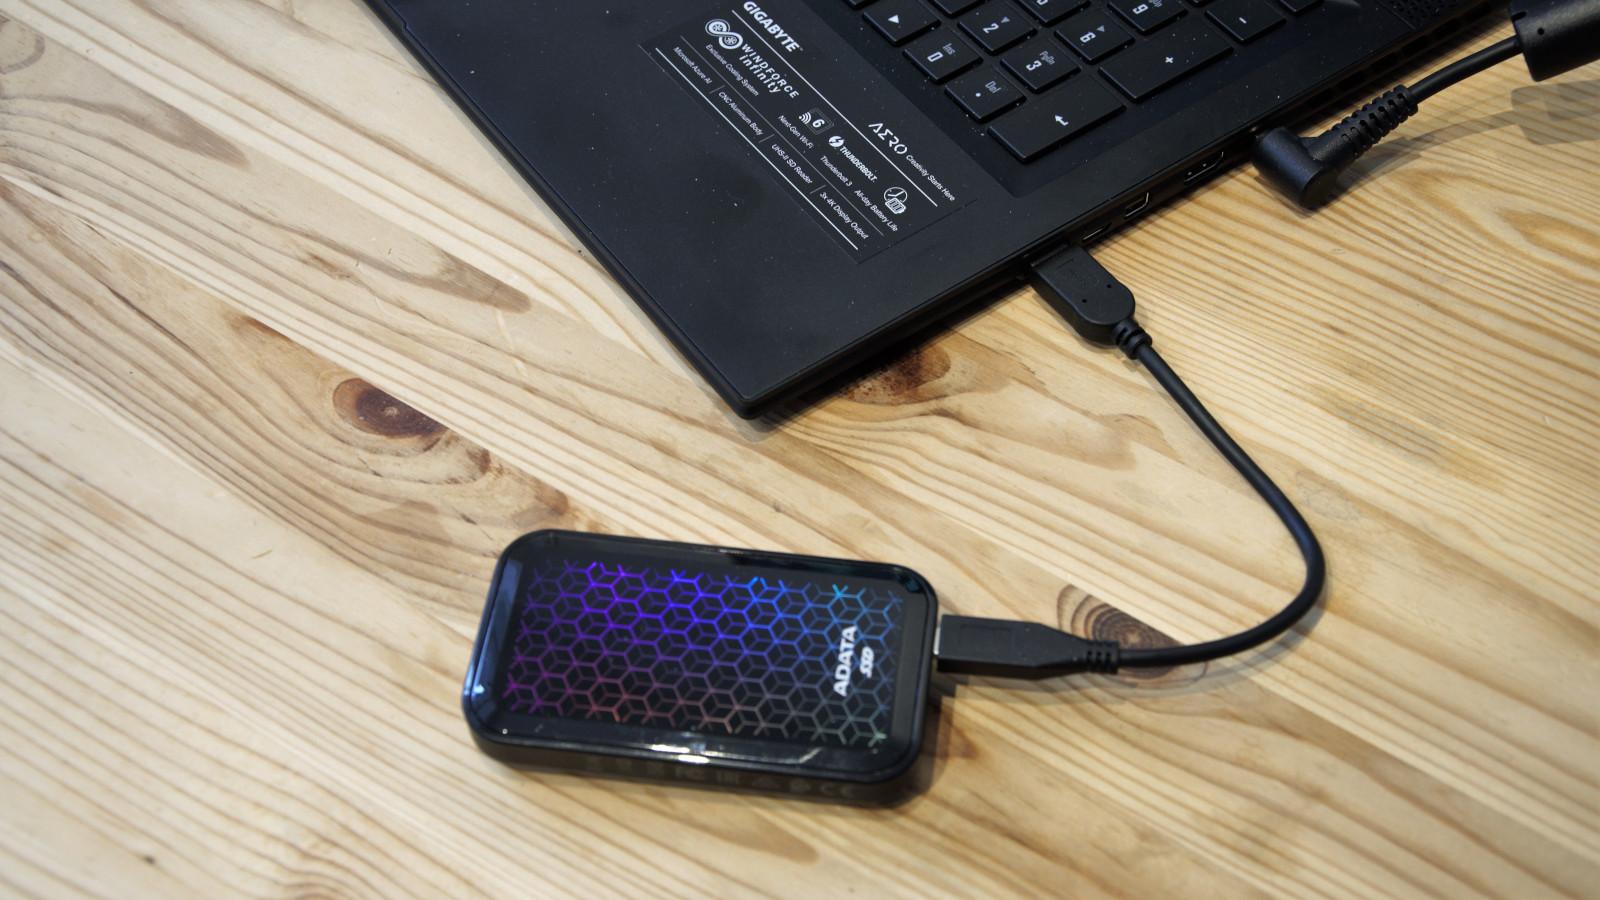 ADATA SE770G External SSD